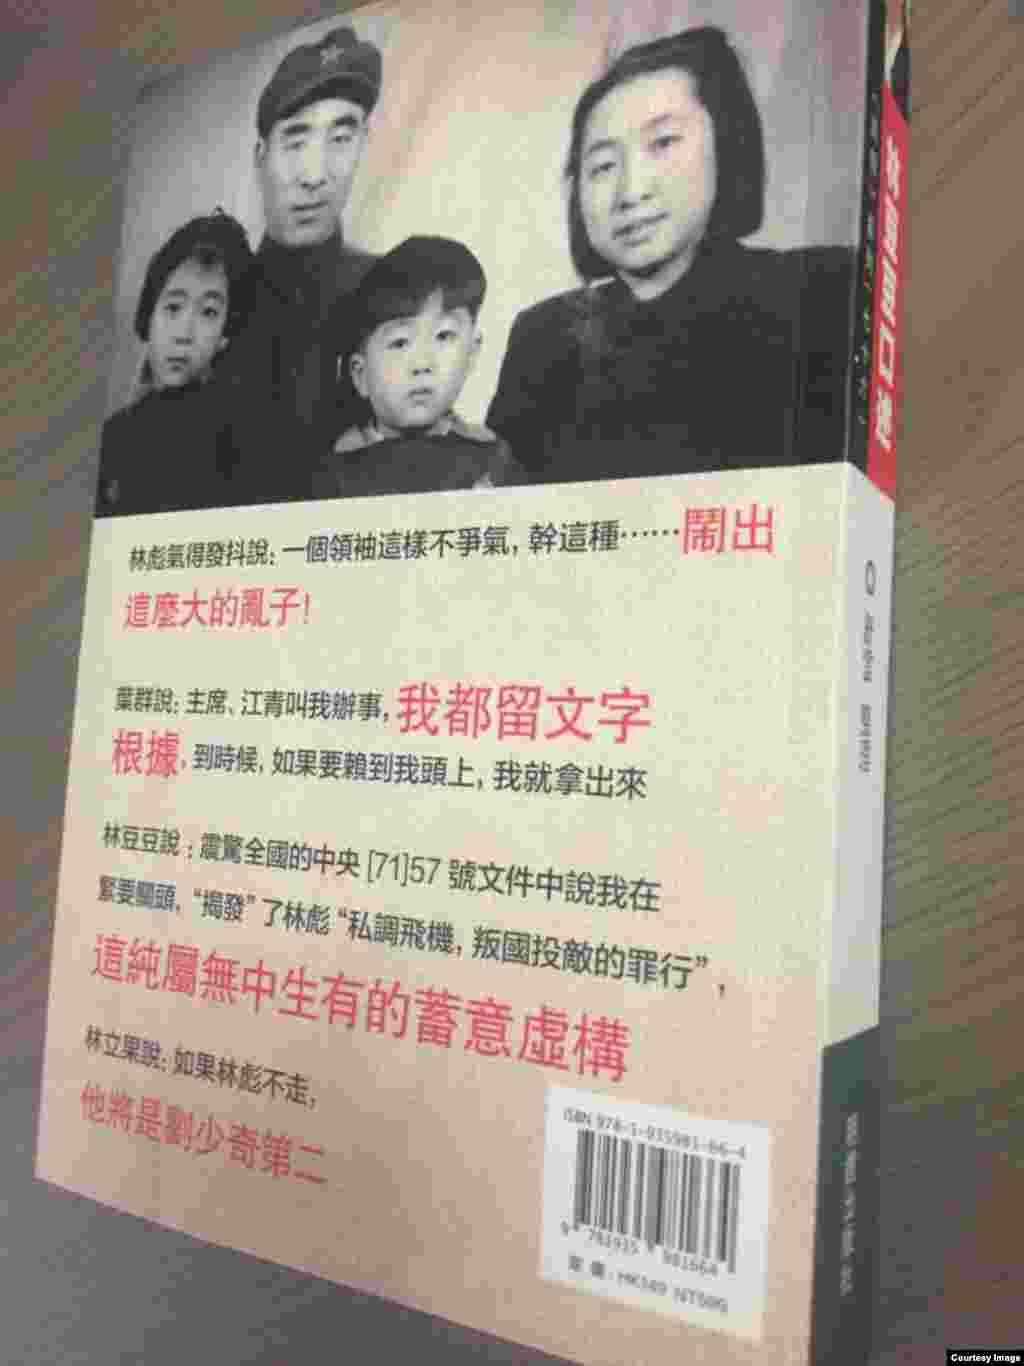 海外的明镜出版社2012年出版的《林豆豆口述》一书的封底。林豆豆是林彪的女儿。